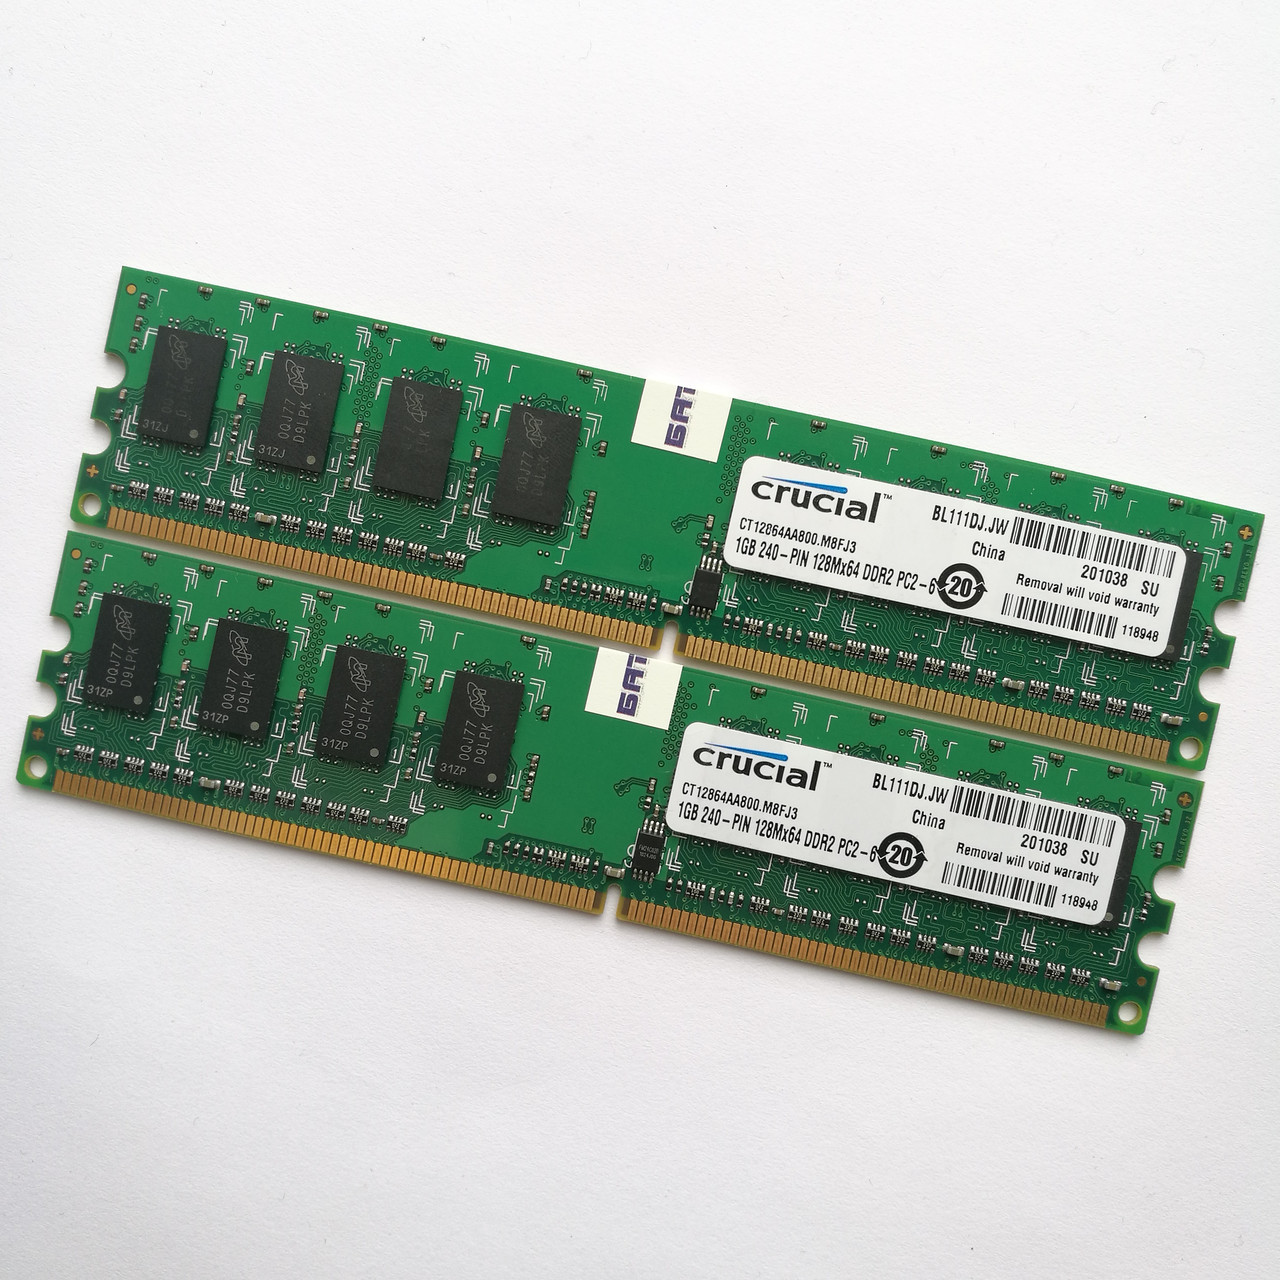 Комплект оперативной памяти Crucial DDR2 2Gb (1Gb+1Gb) 800MHz PC2 6400U CL6 (CT12864AA800.M8FJ3) Б/У